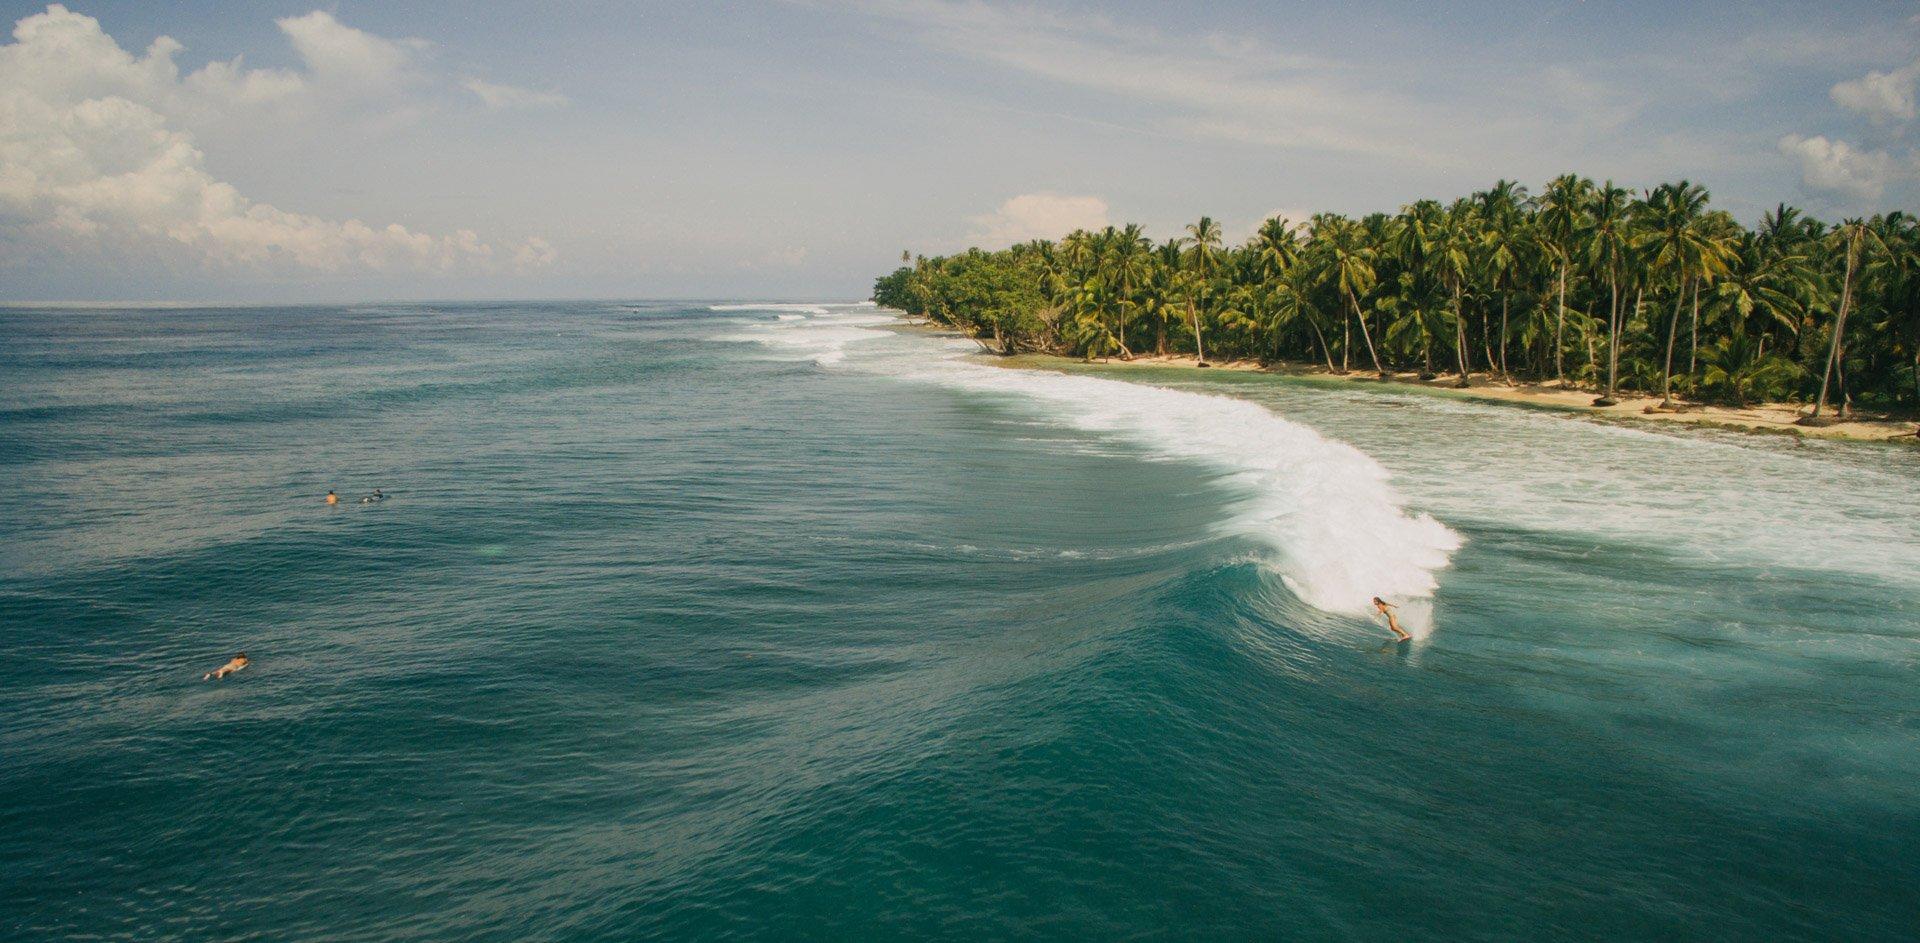 voyager avec un drone permet de prendre des images incroyables comme celle-ci d'une surfeuse en Indonésie